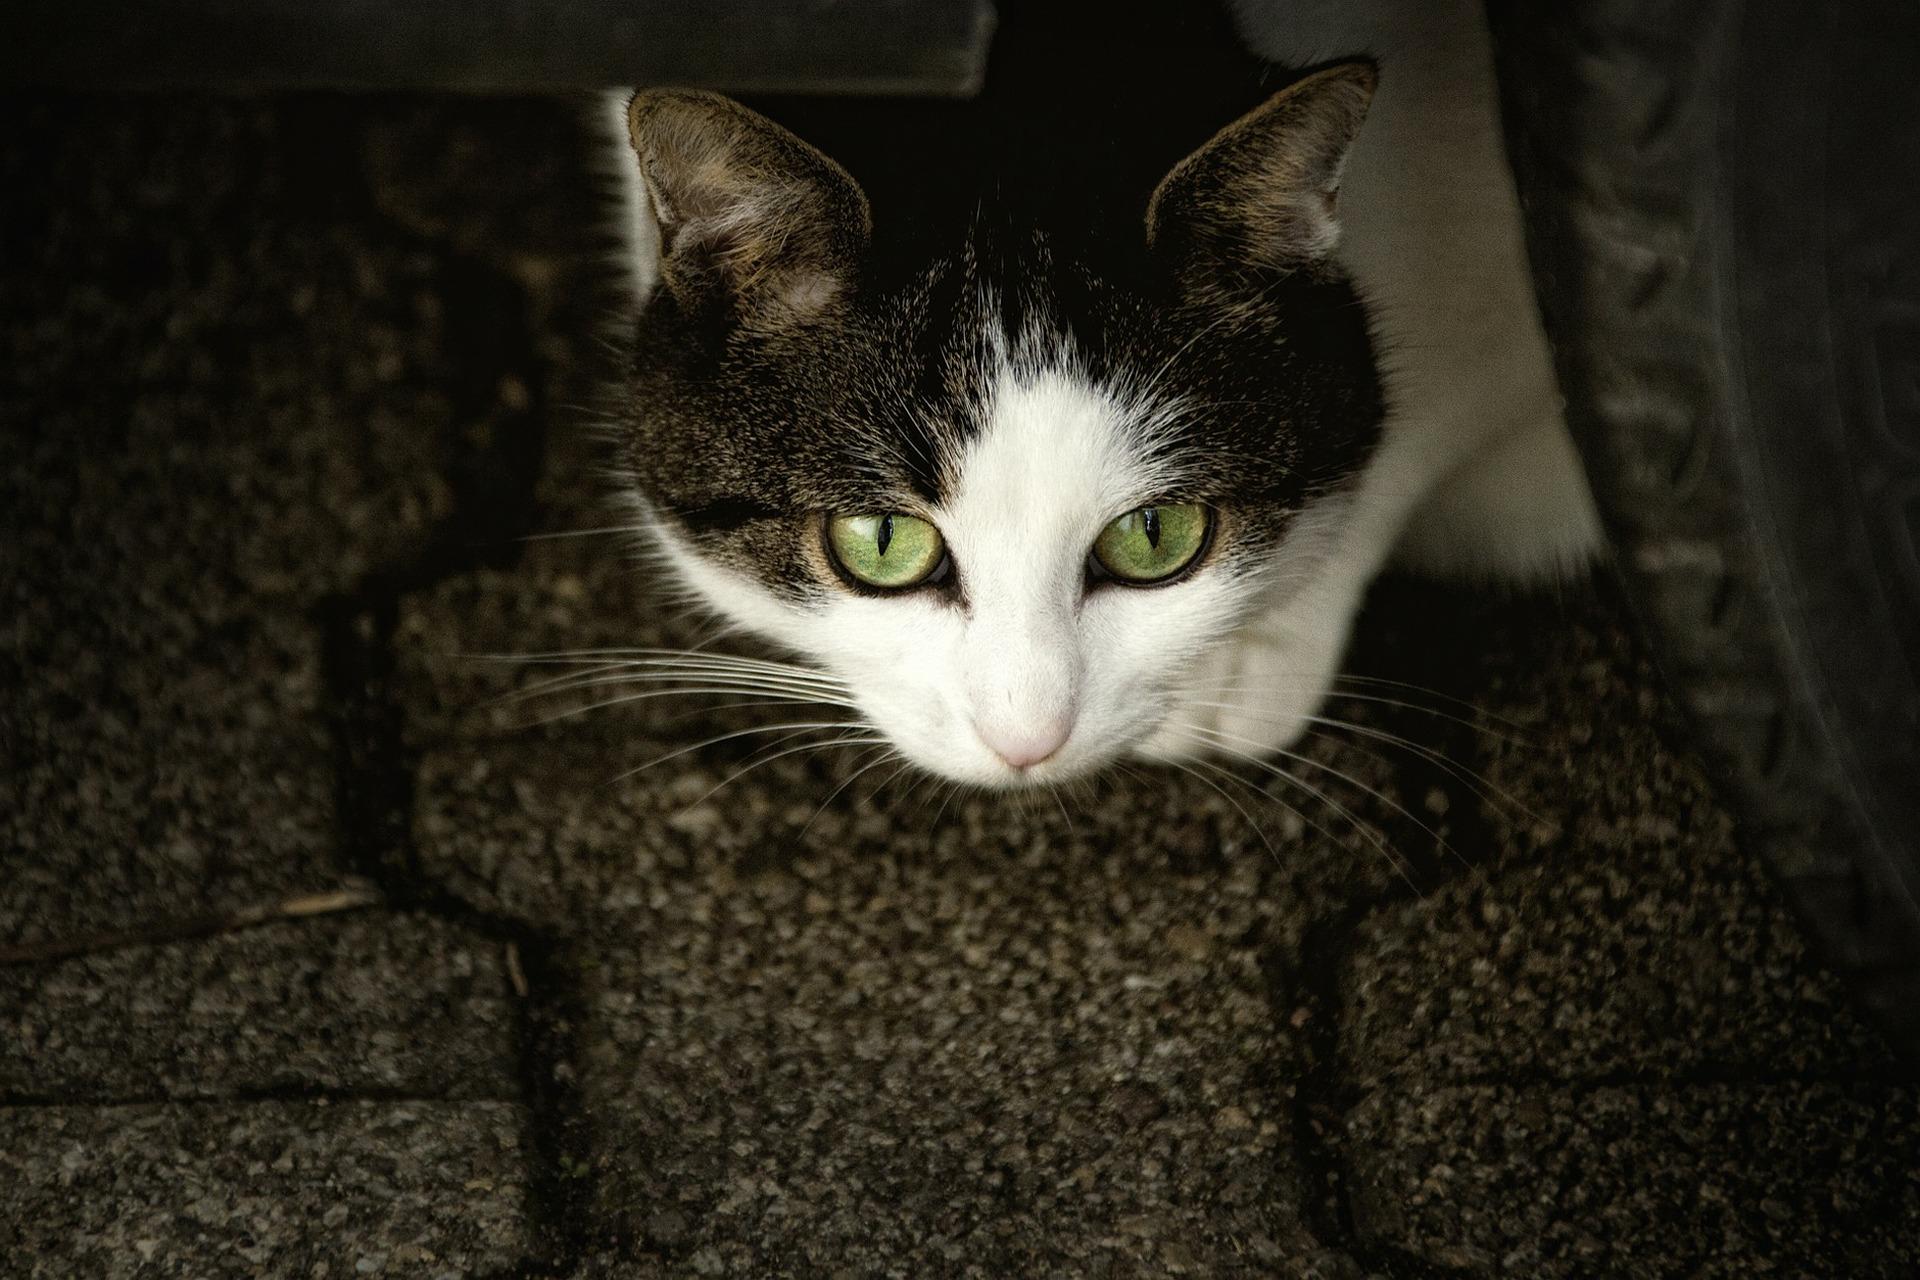 Los gatos cachorros o adultos con pulgas o garrapatas tienen un mayor riesgo de desarrollar anemias. (Pixabay)